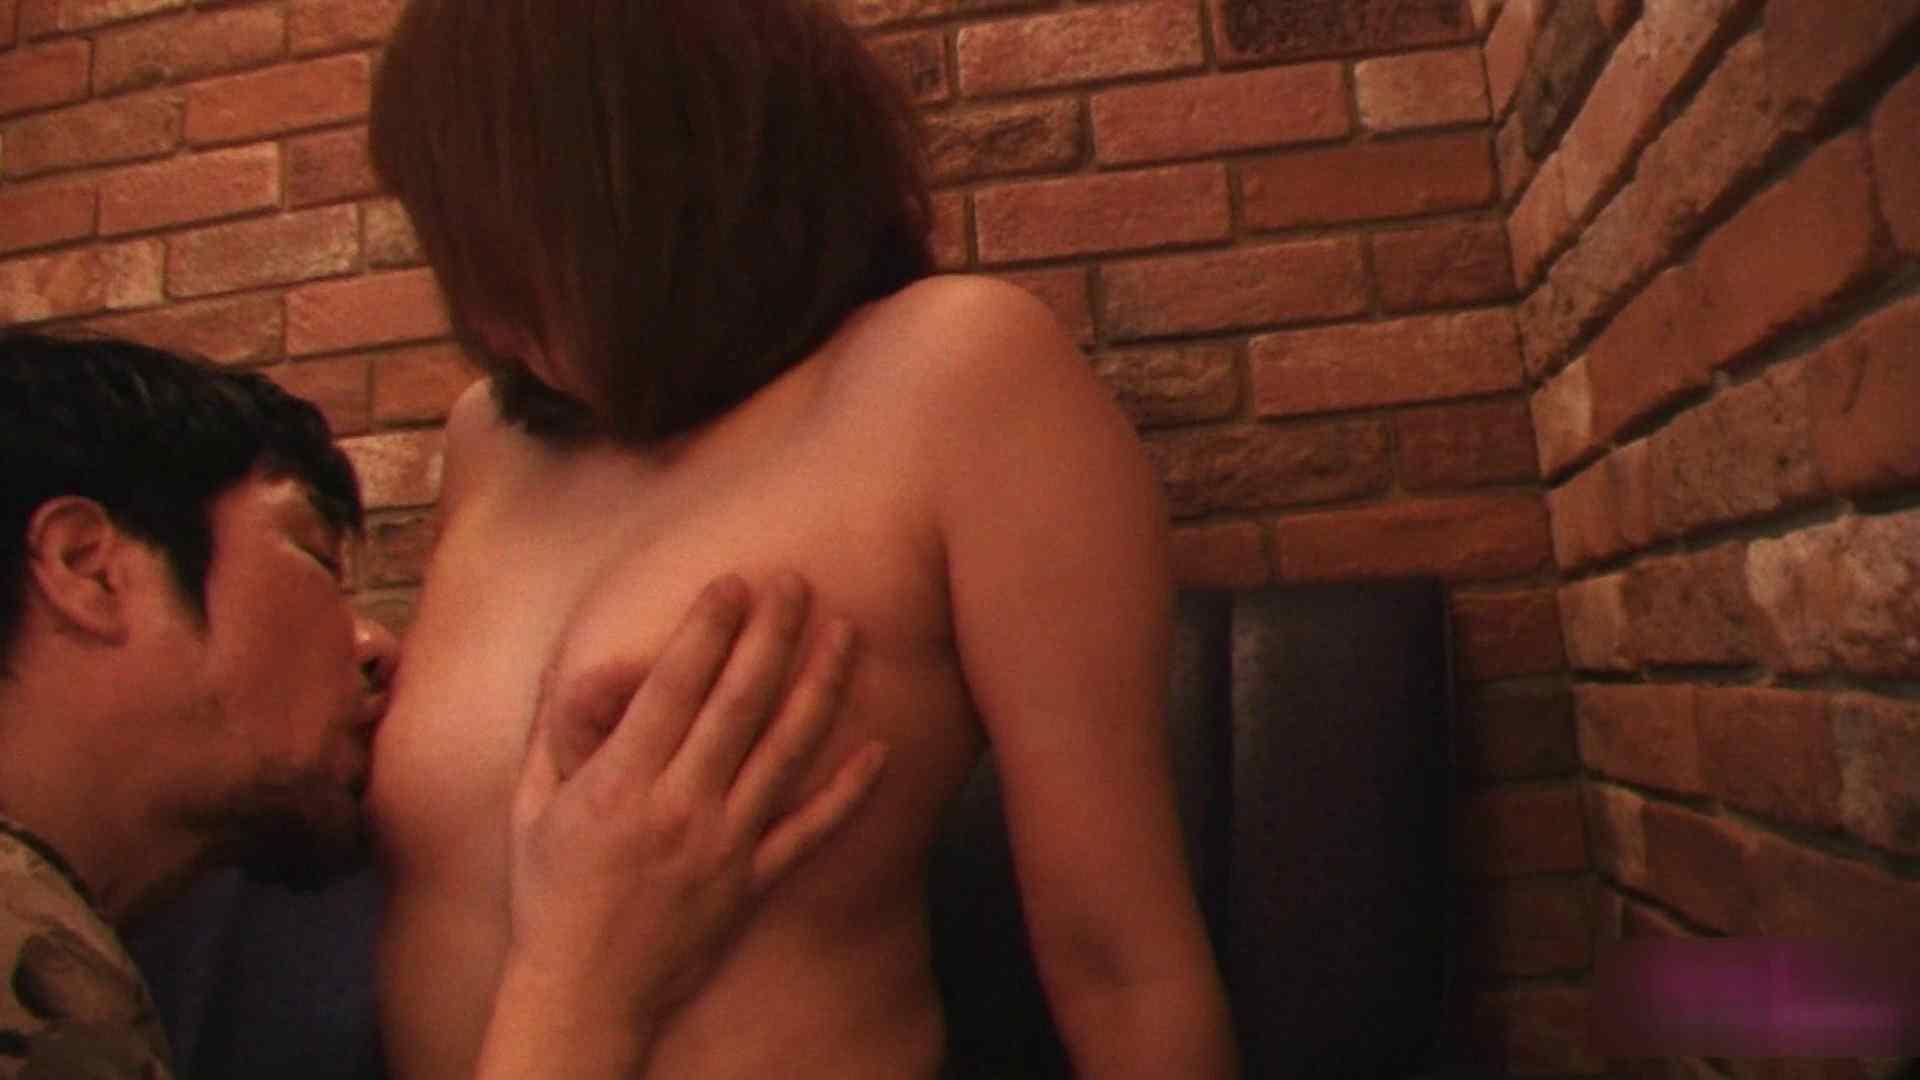 おしえてギャル子のH塾 Vol.13 前編 エッチすぎるOL達  15連発 8